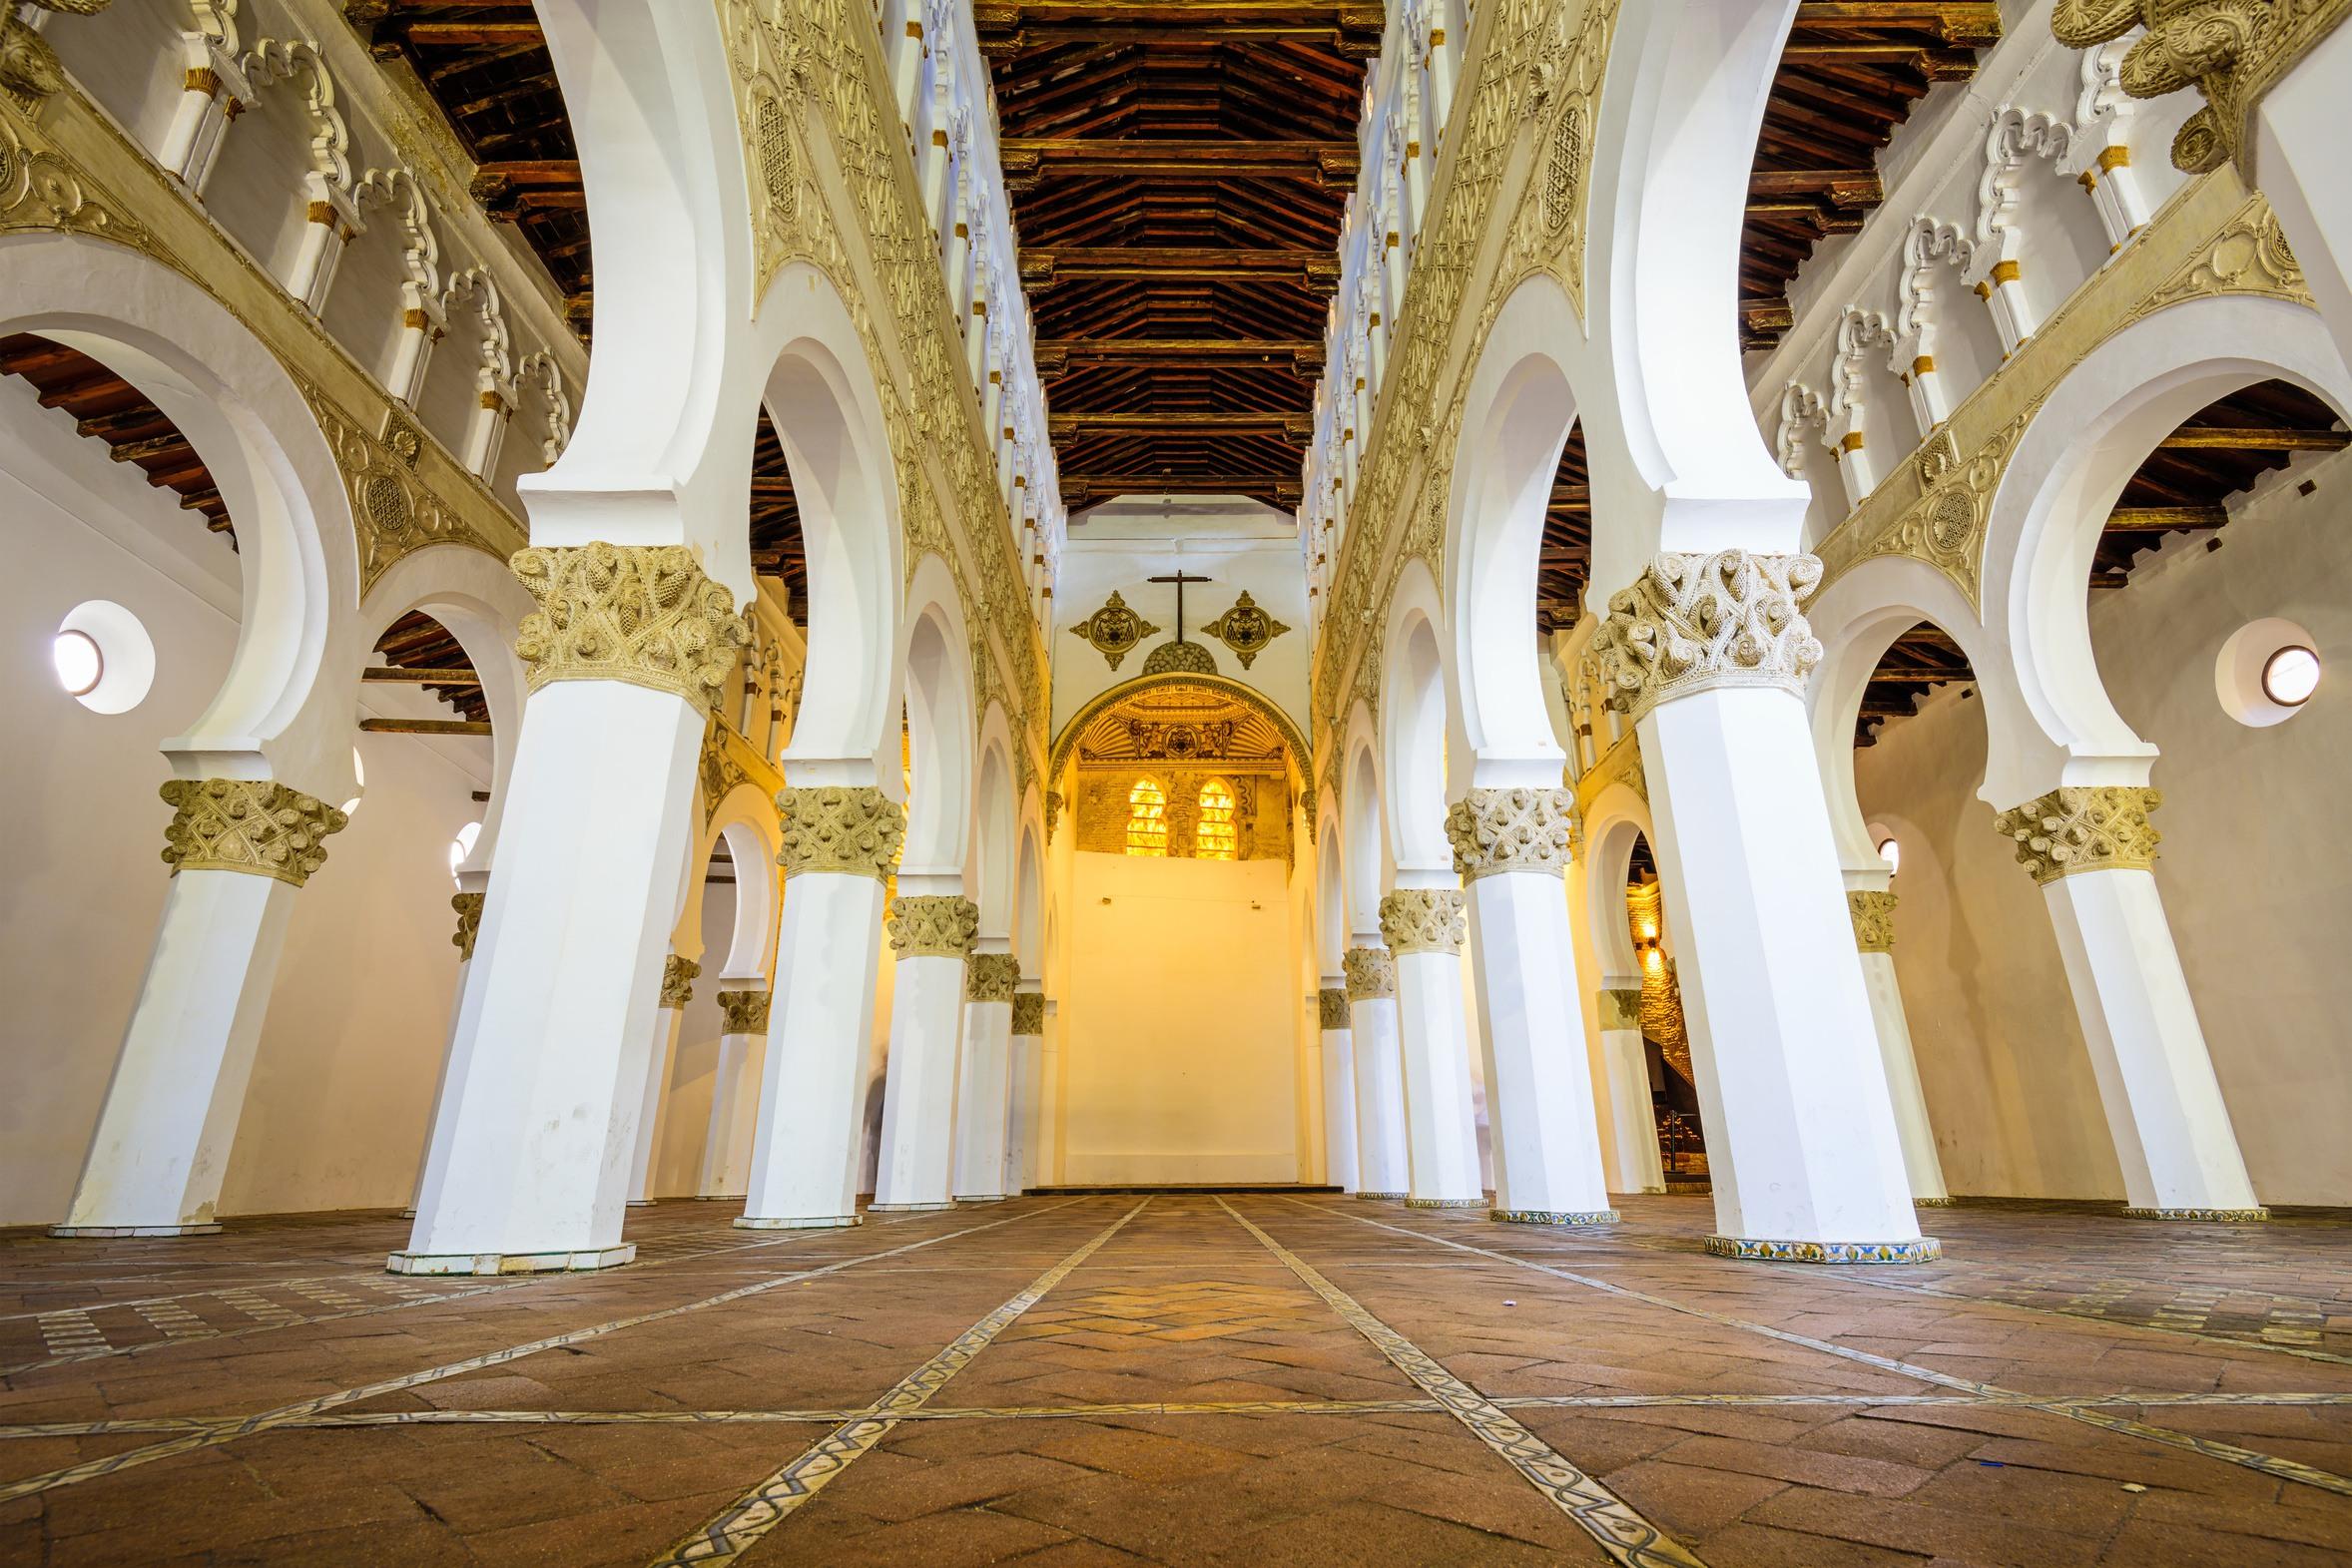 Synagogue of Santa María la Blanca